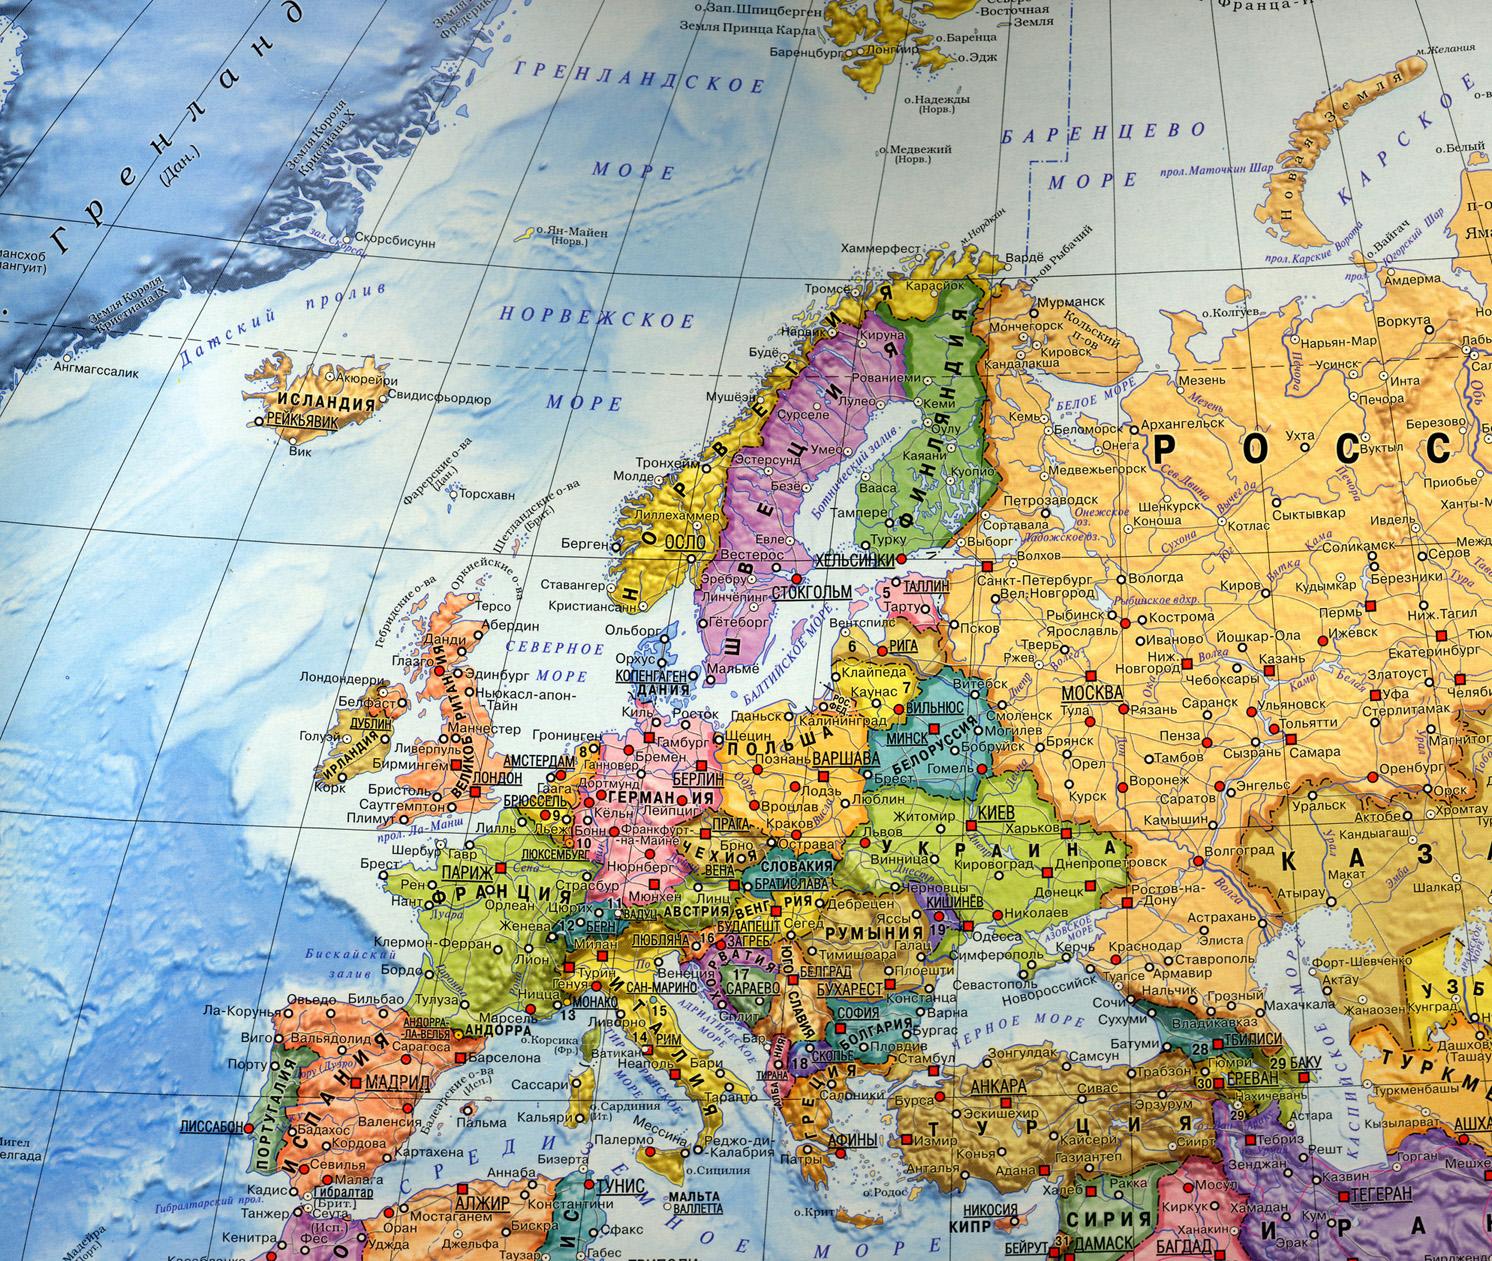 Политическая карта европы подробная